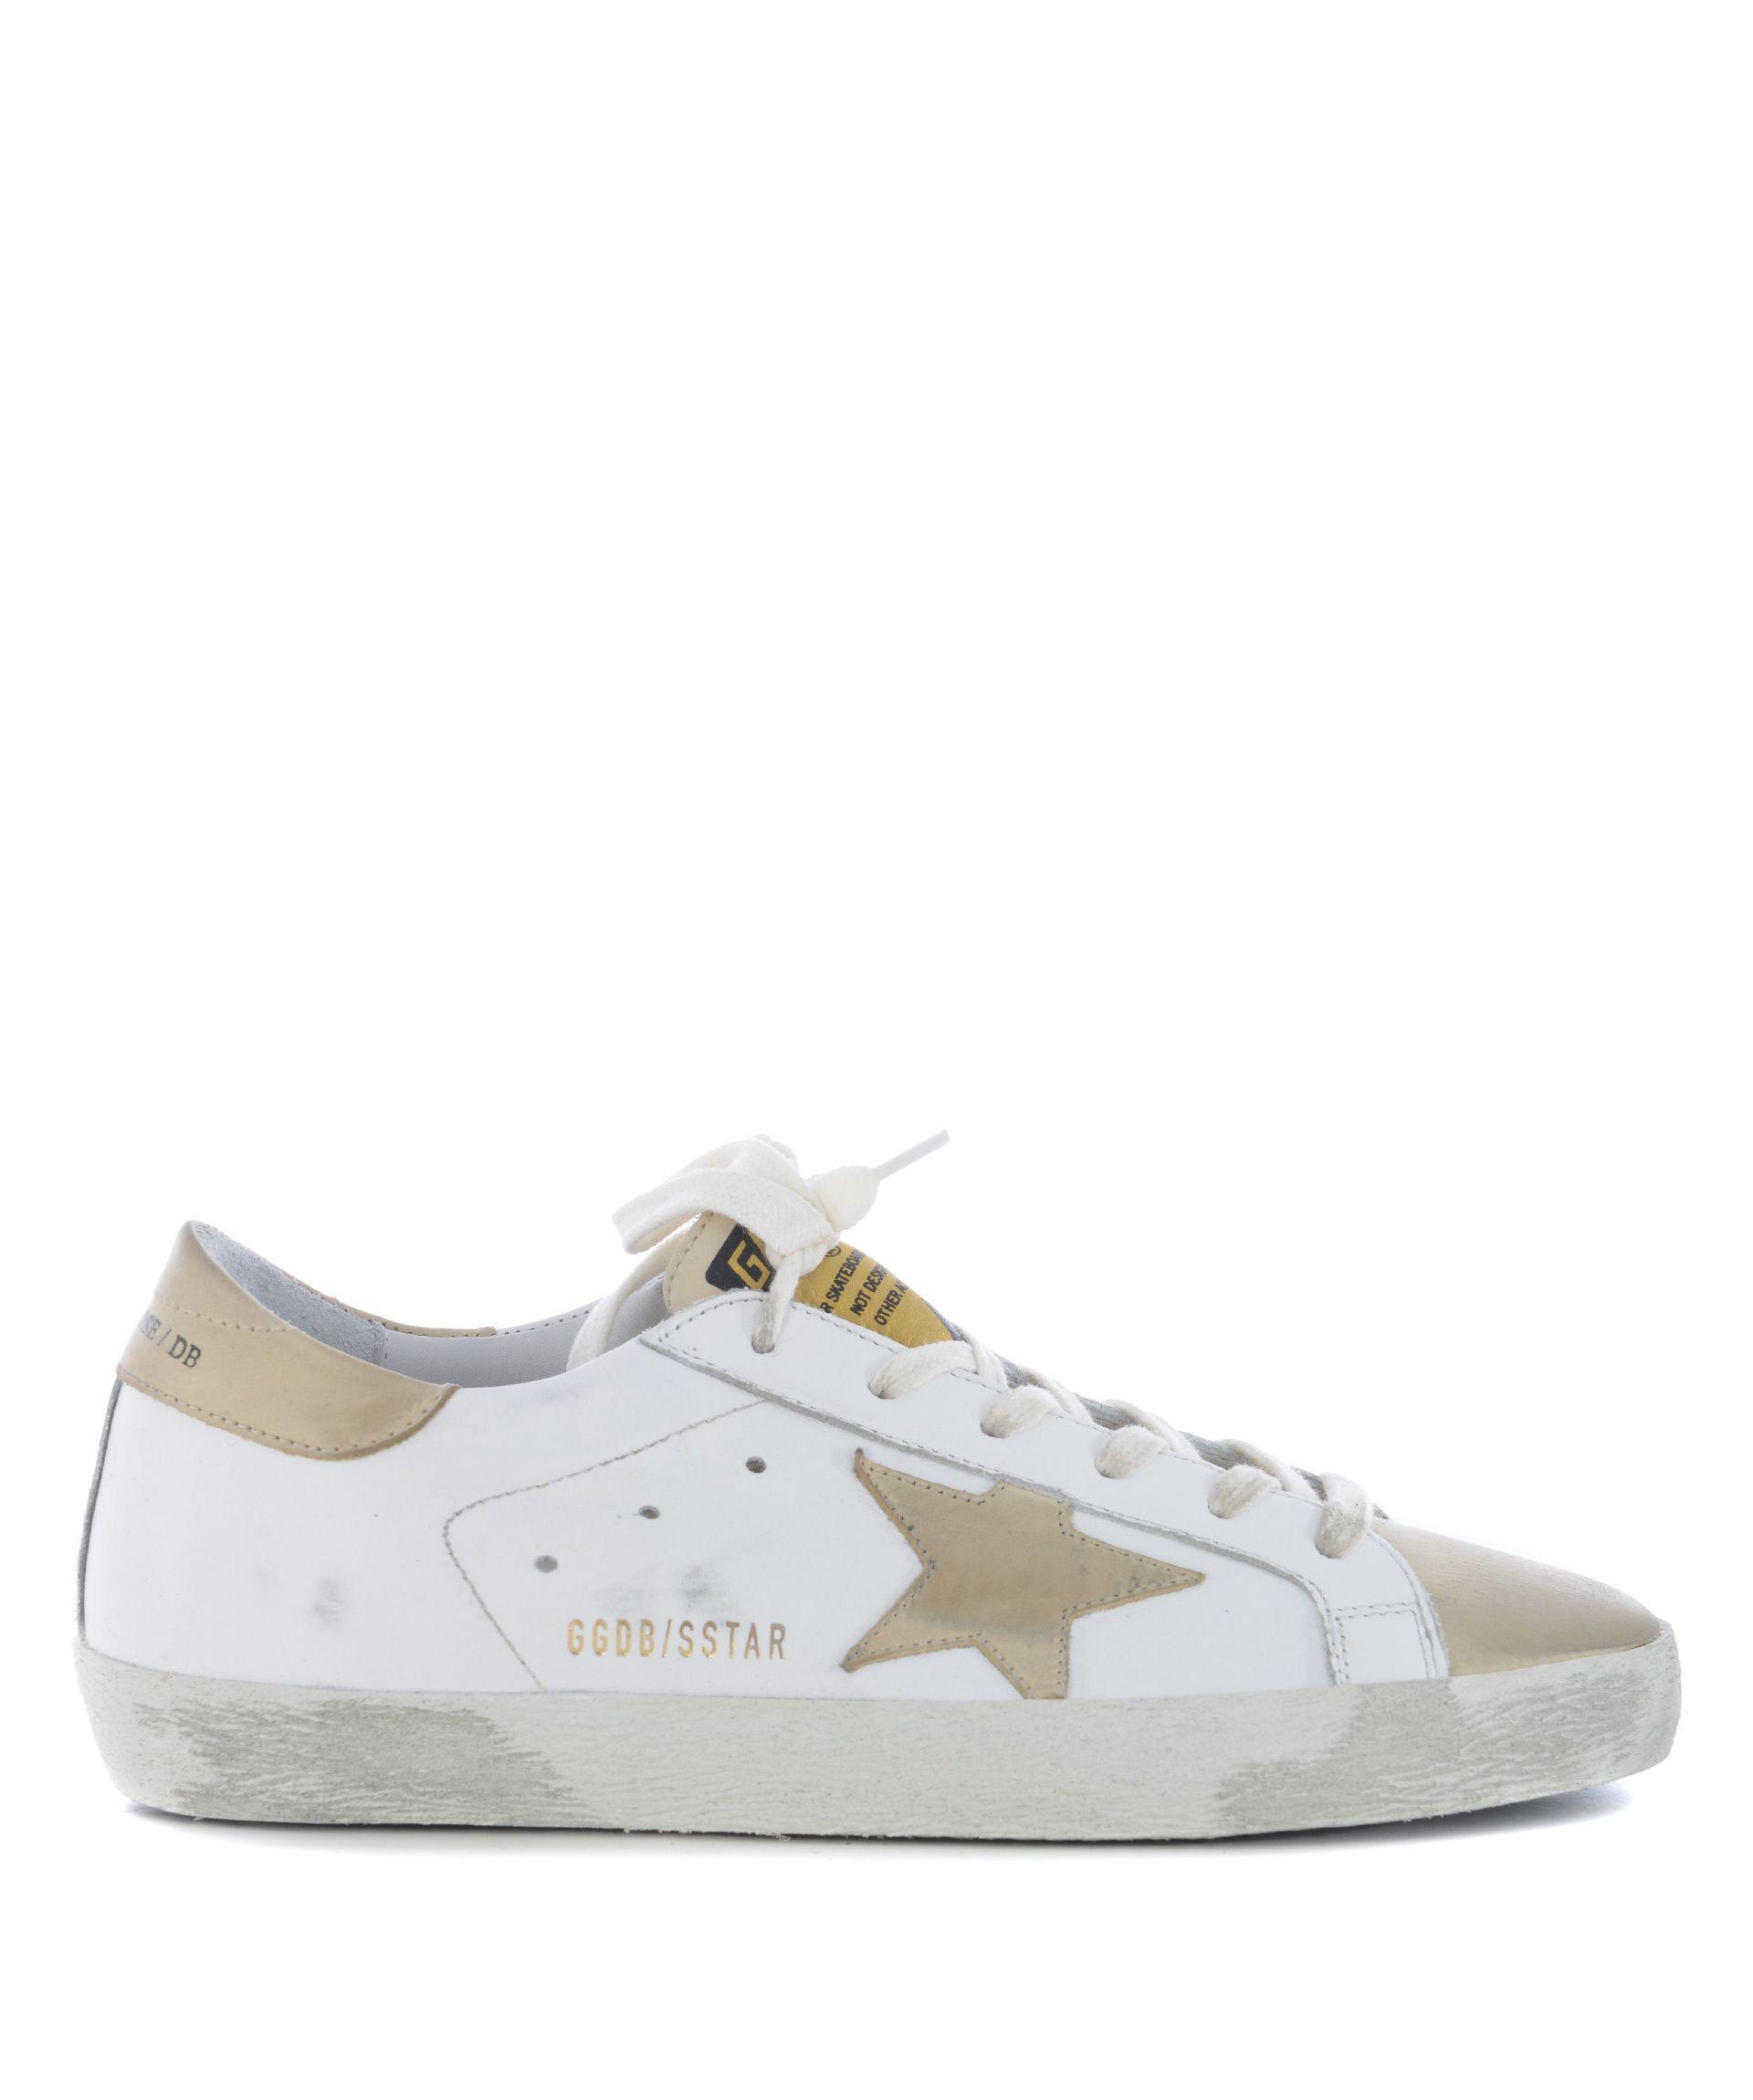 golden goose golden goose superstar sneakers women 39 s sneakers italist. Black Bedroom Furniture Sets. Home Design Ideas